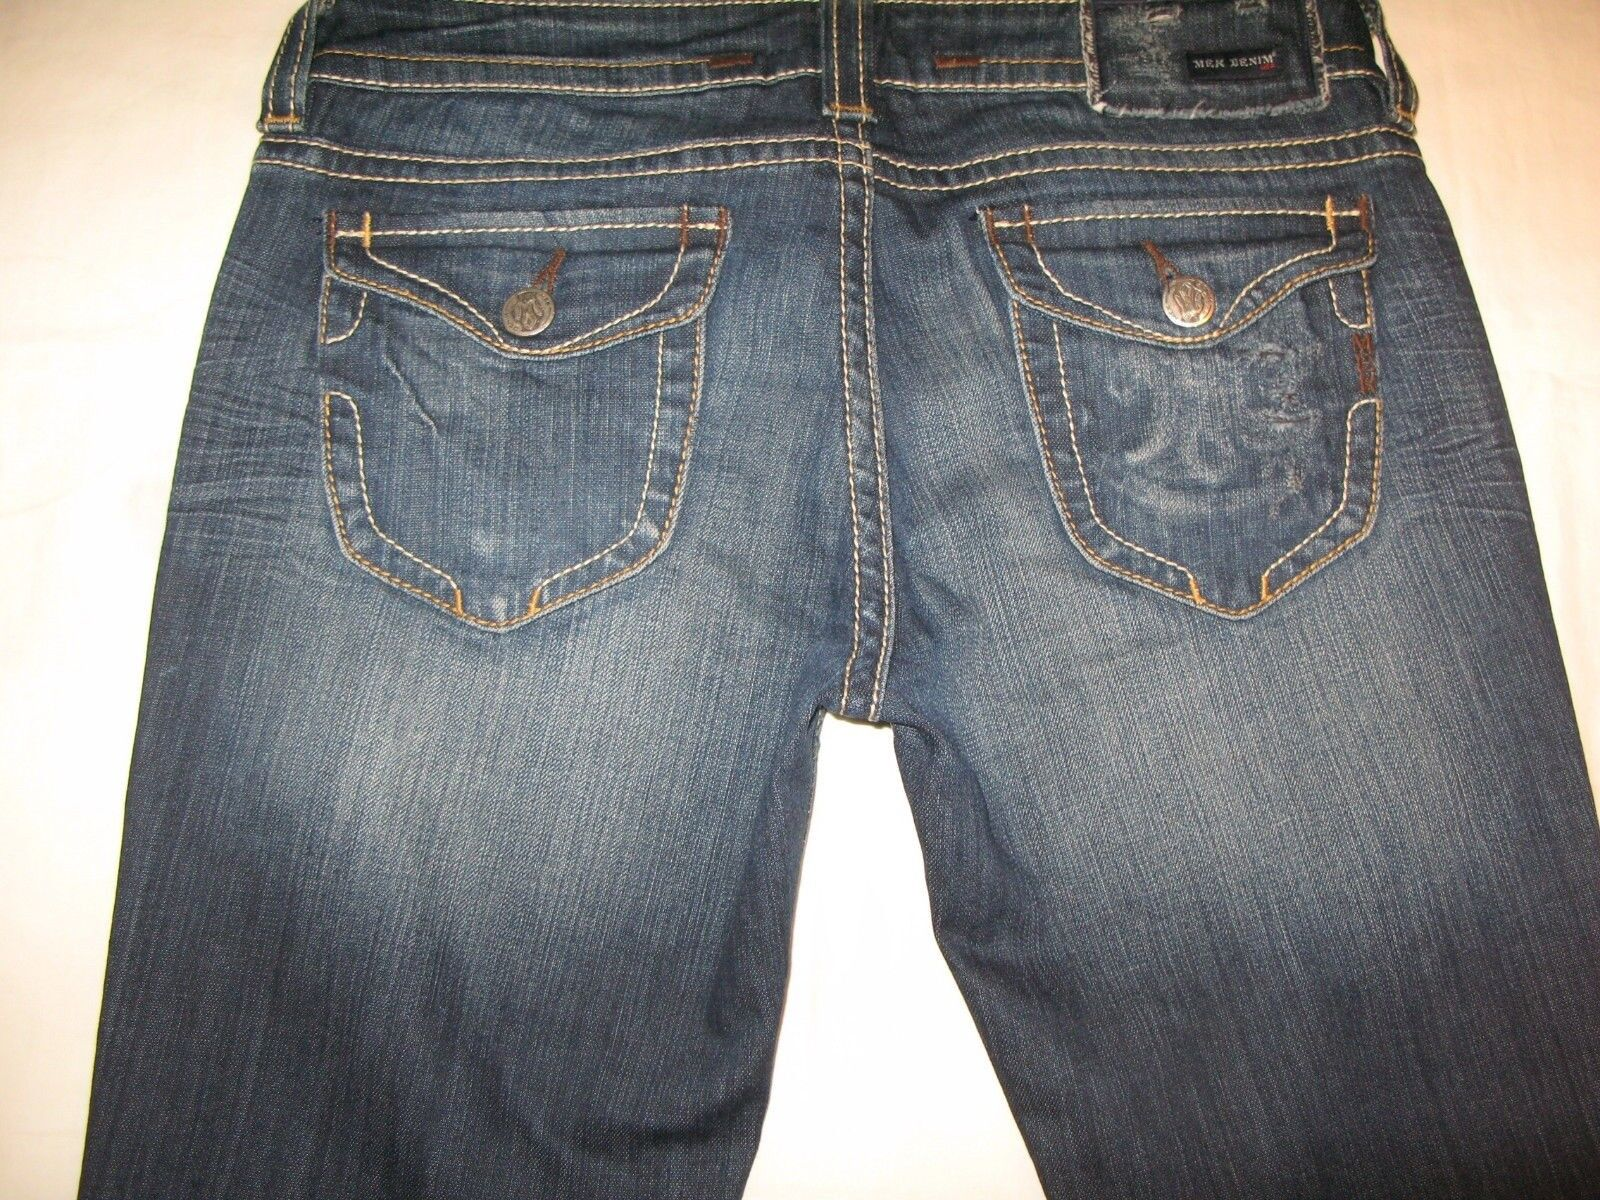 MEK Jeans Womens Tacoma Low Bootcut Dark Distressed Sz 30